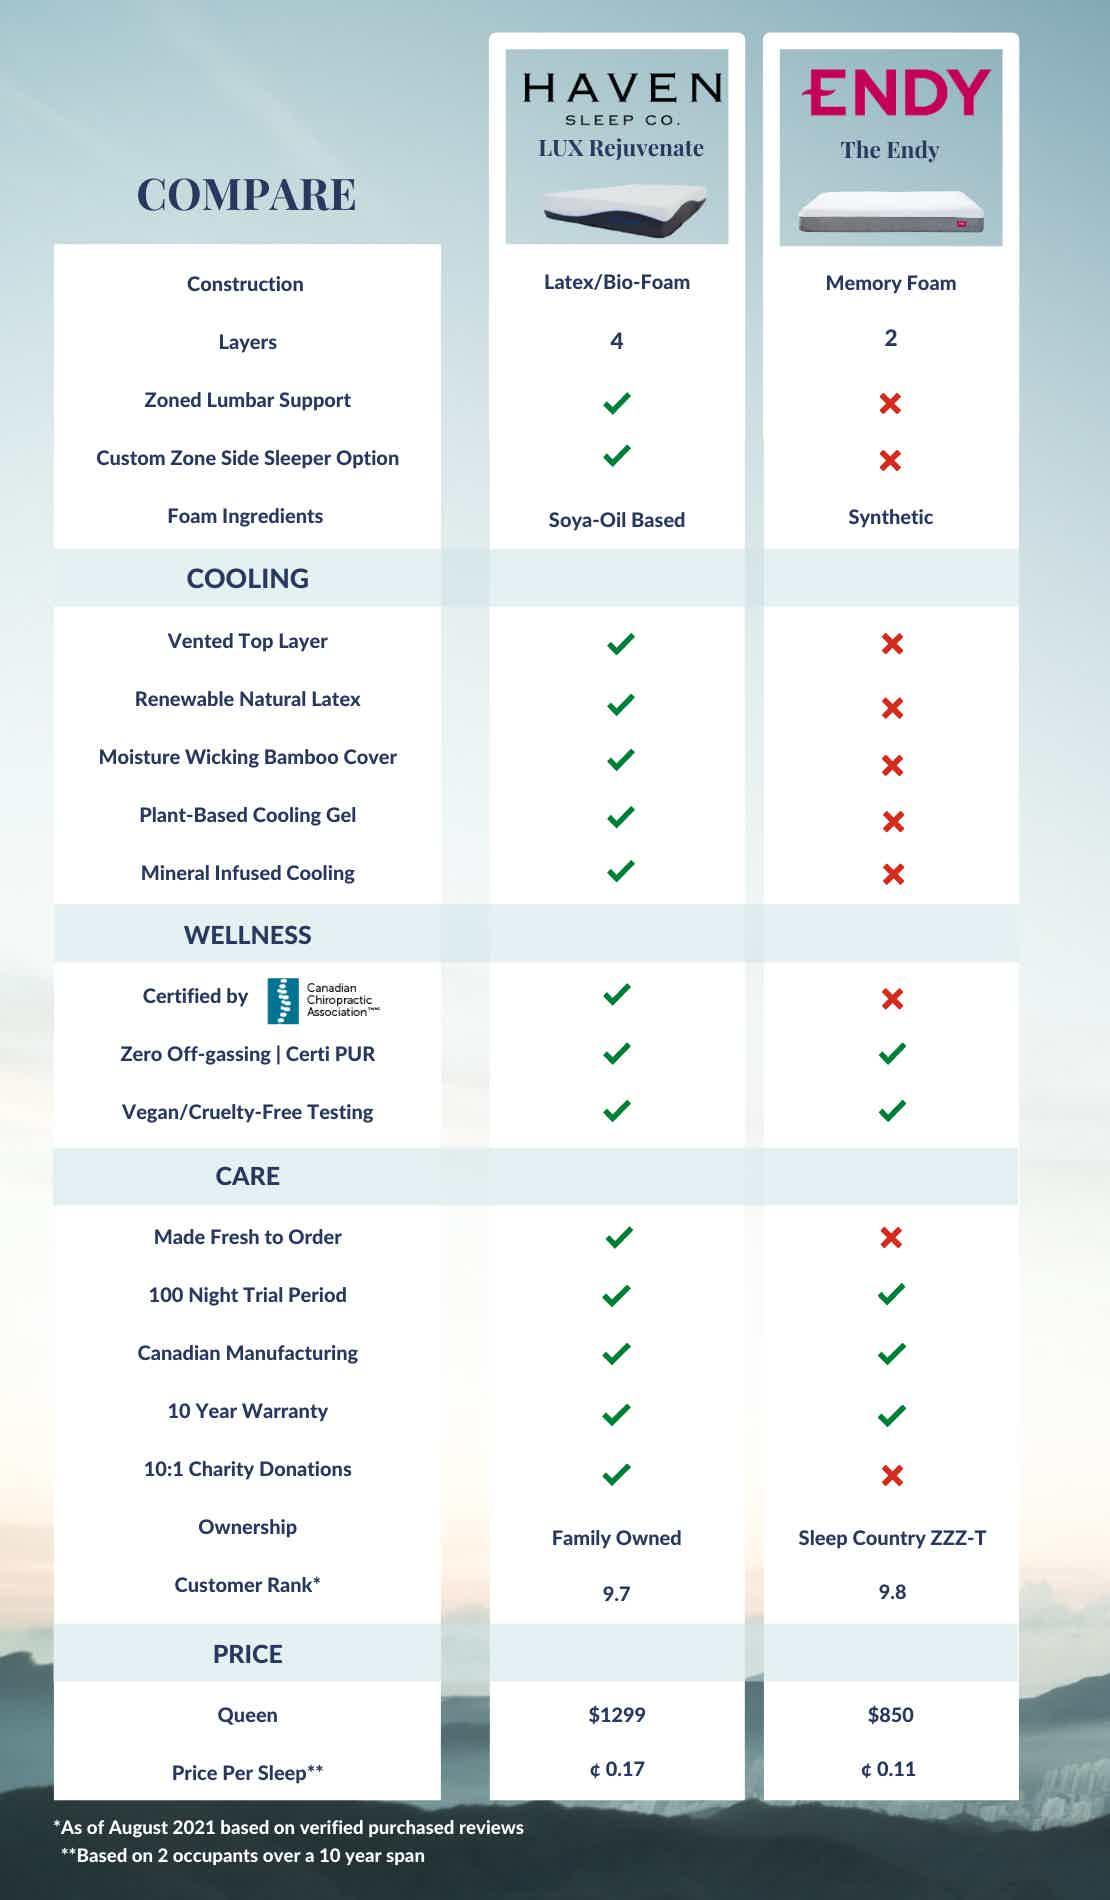 Compare Canad's Leading All-Foam Mattresses. Haven vs Endy